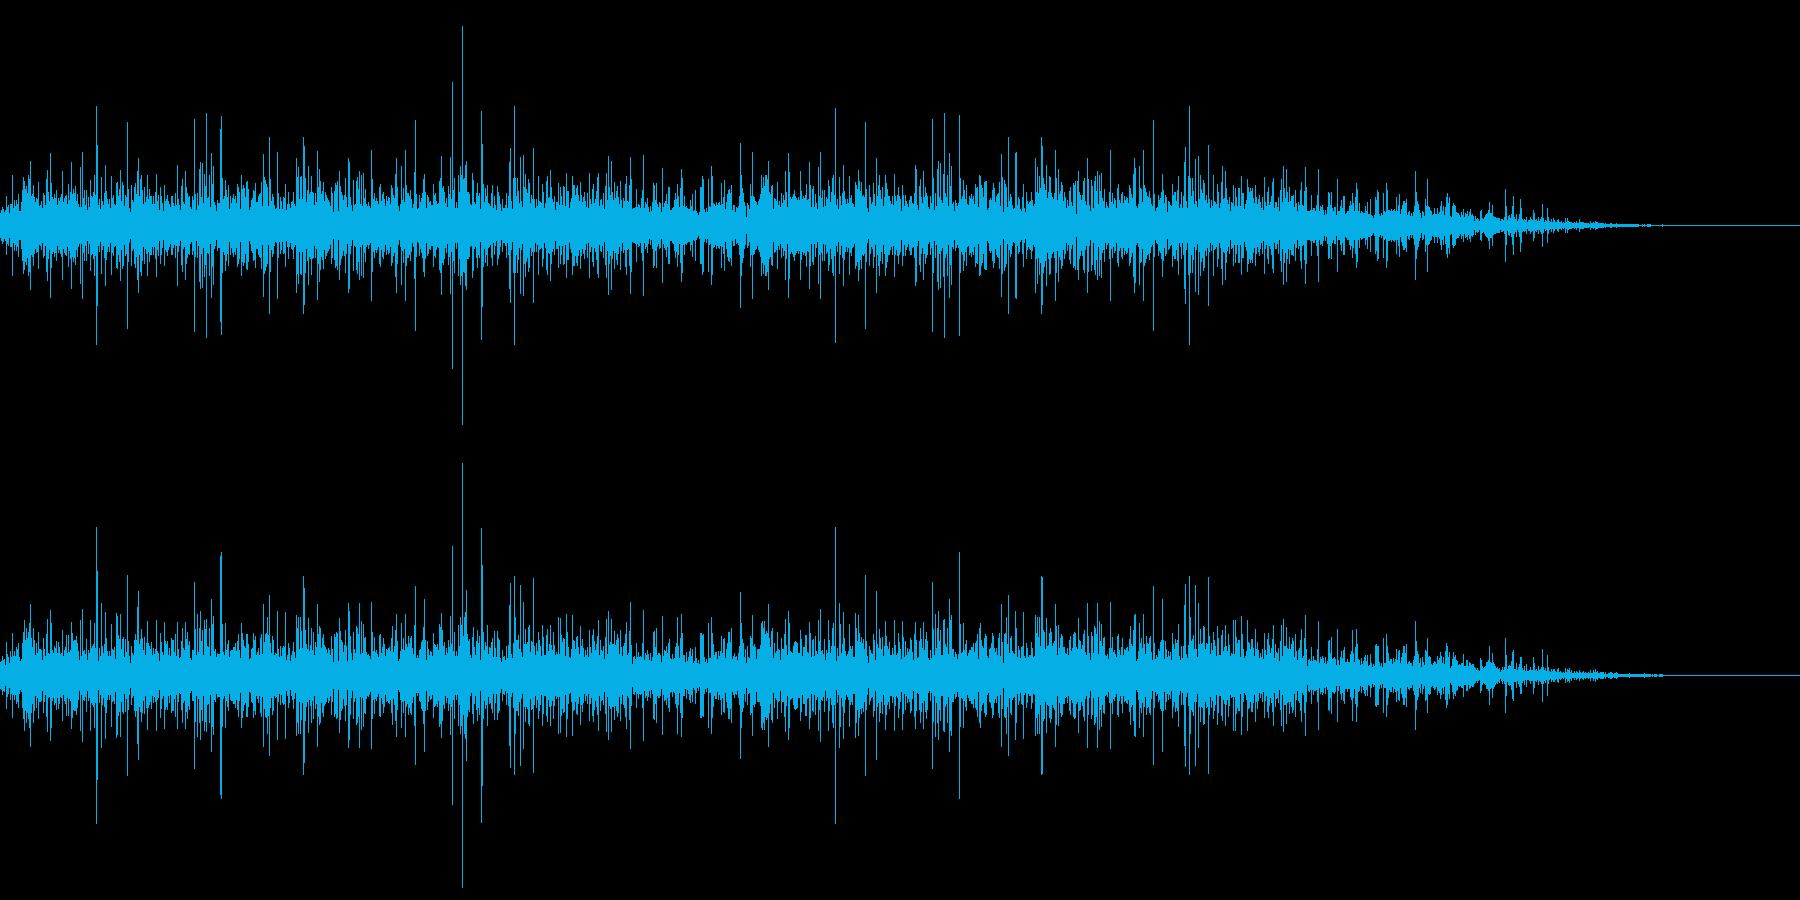 水路の音の再生済みの波形